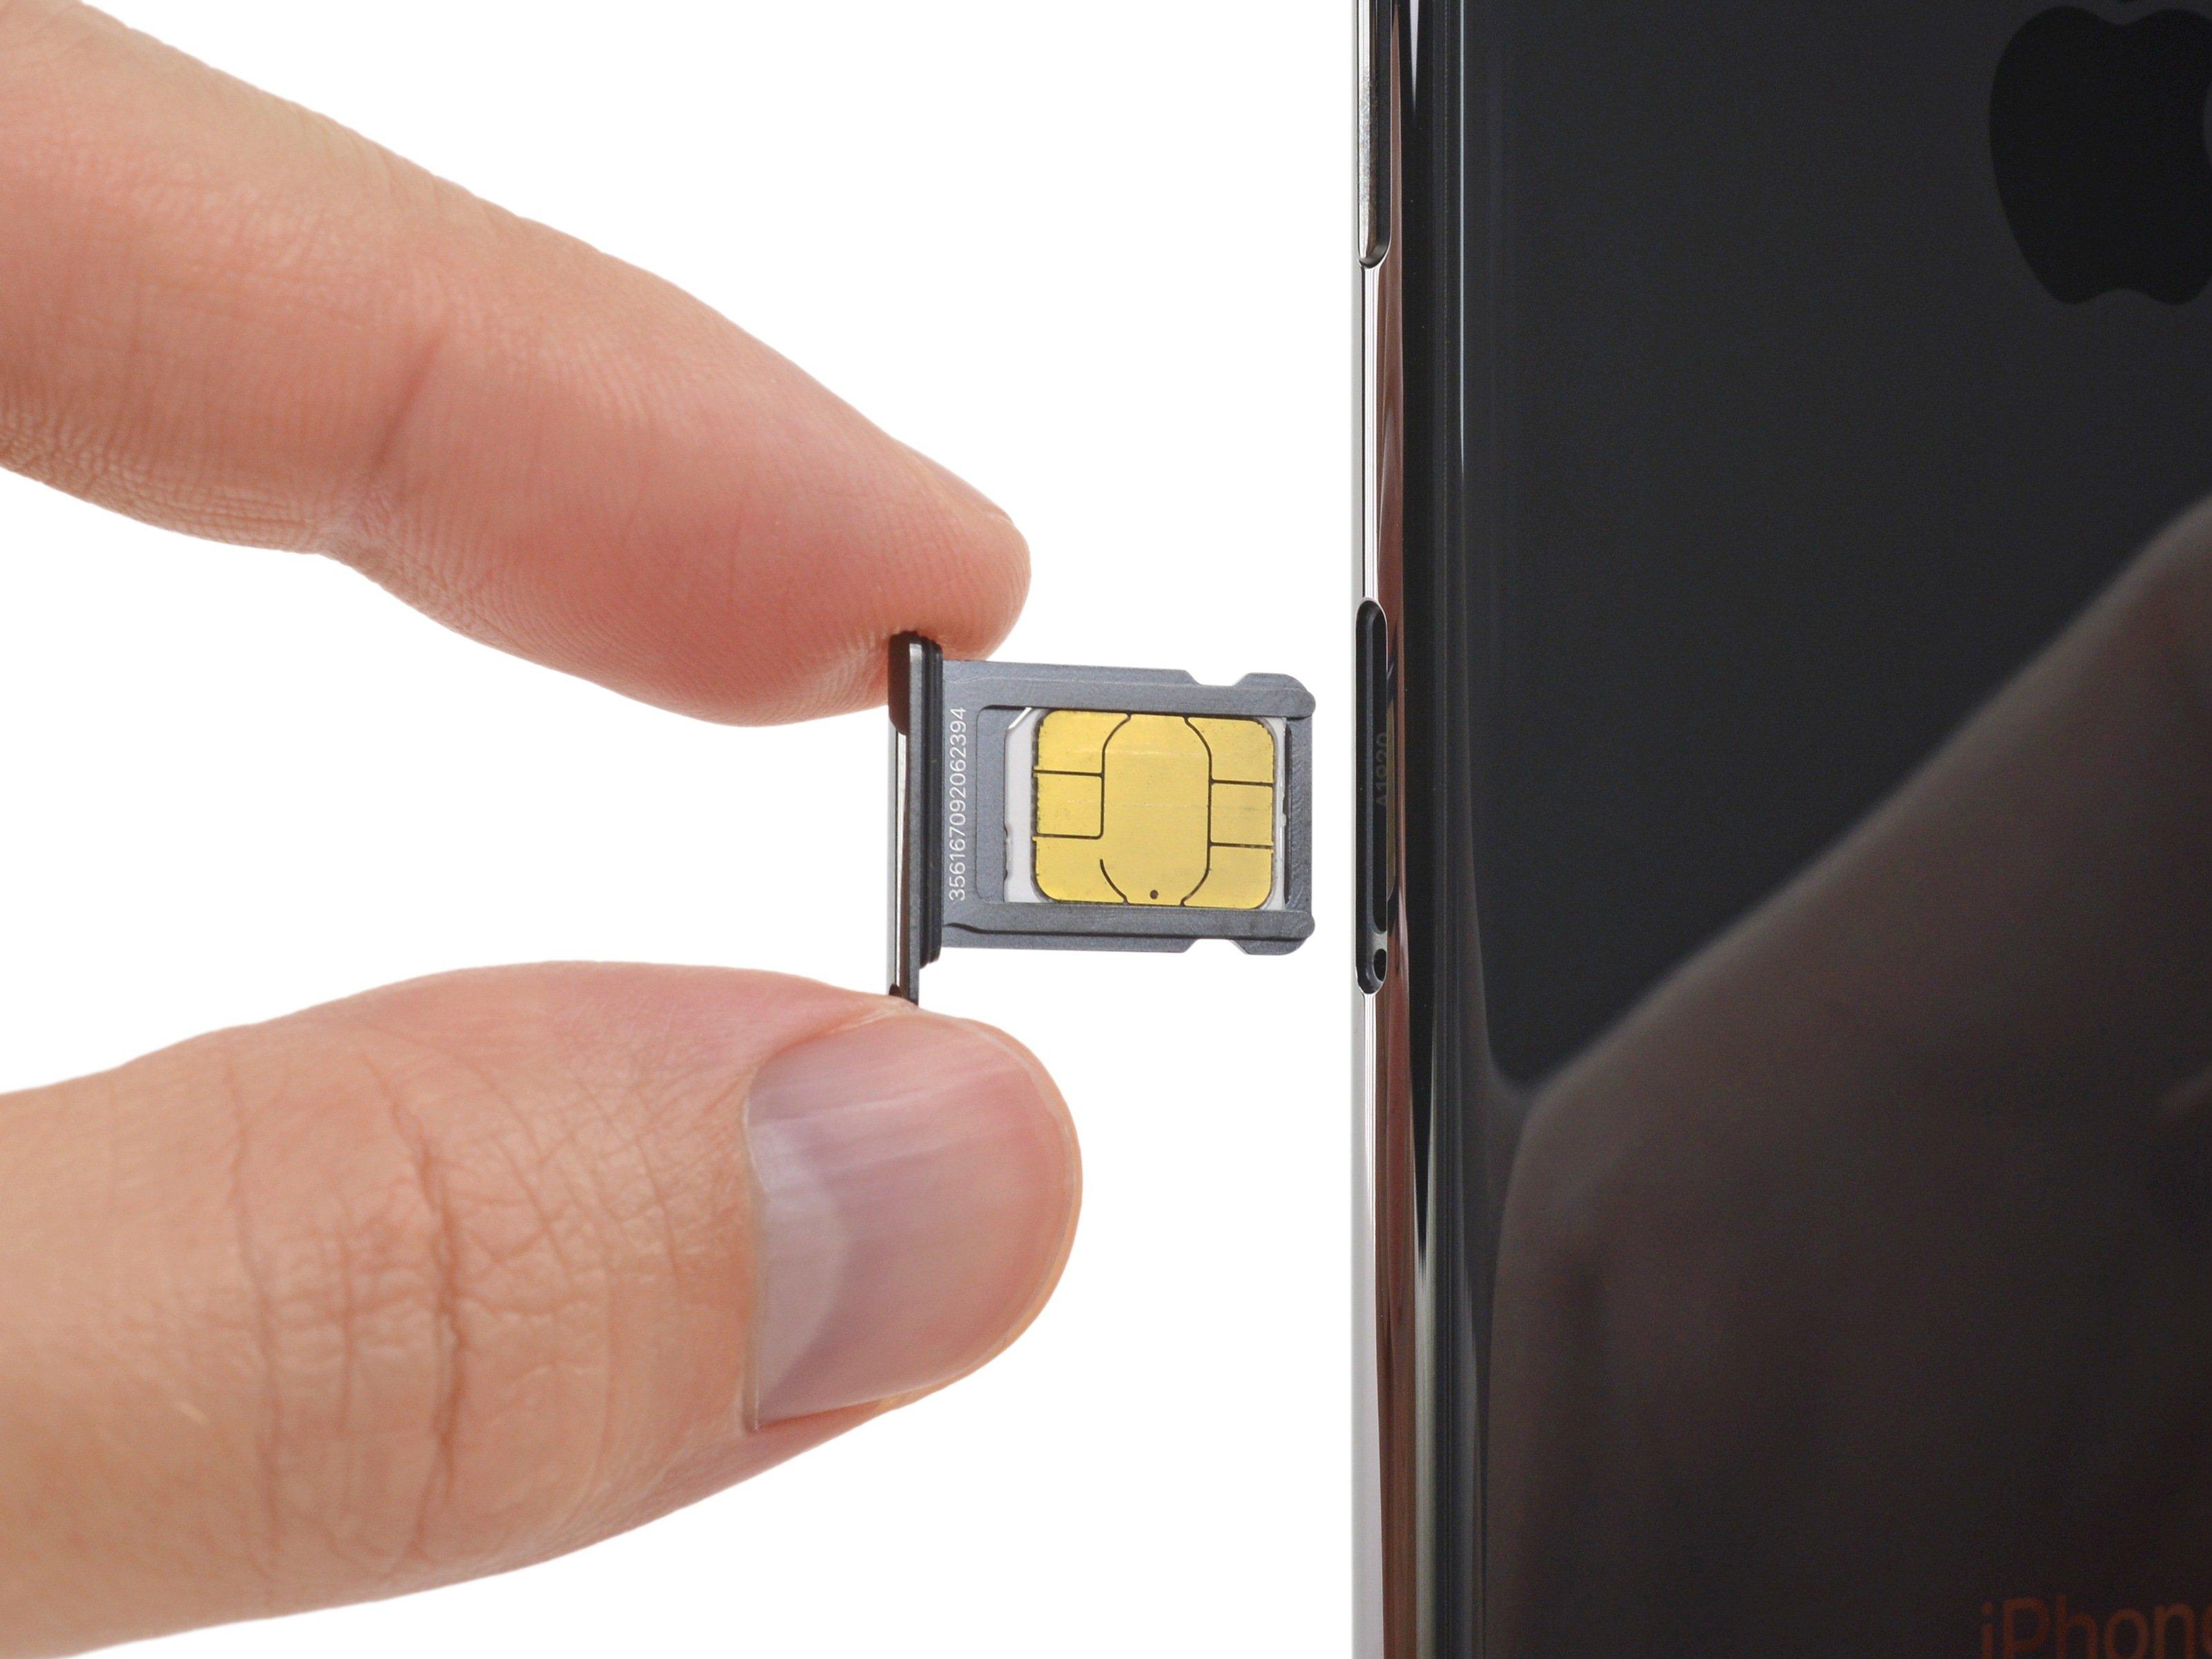 Iphone Sim Karte.Iphone Xs Sim Card Replacement Ifixit Repair Guide